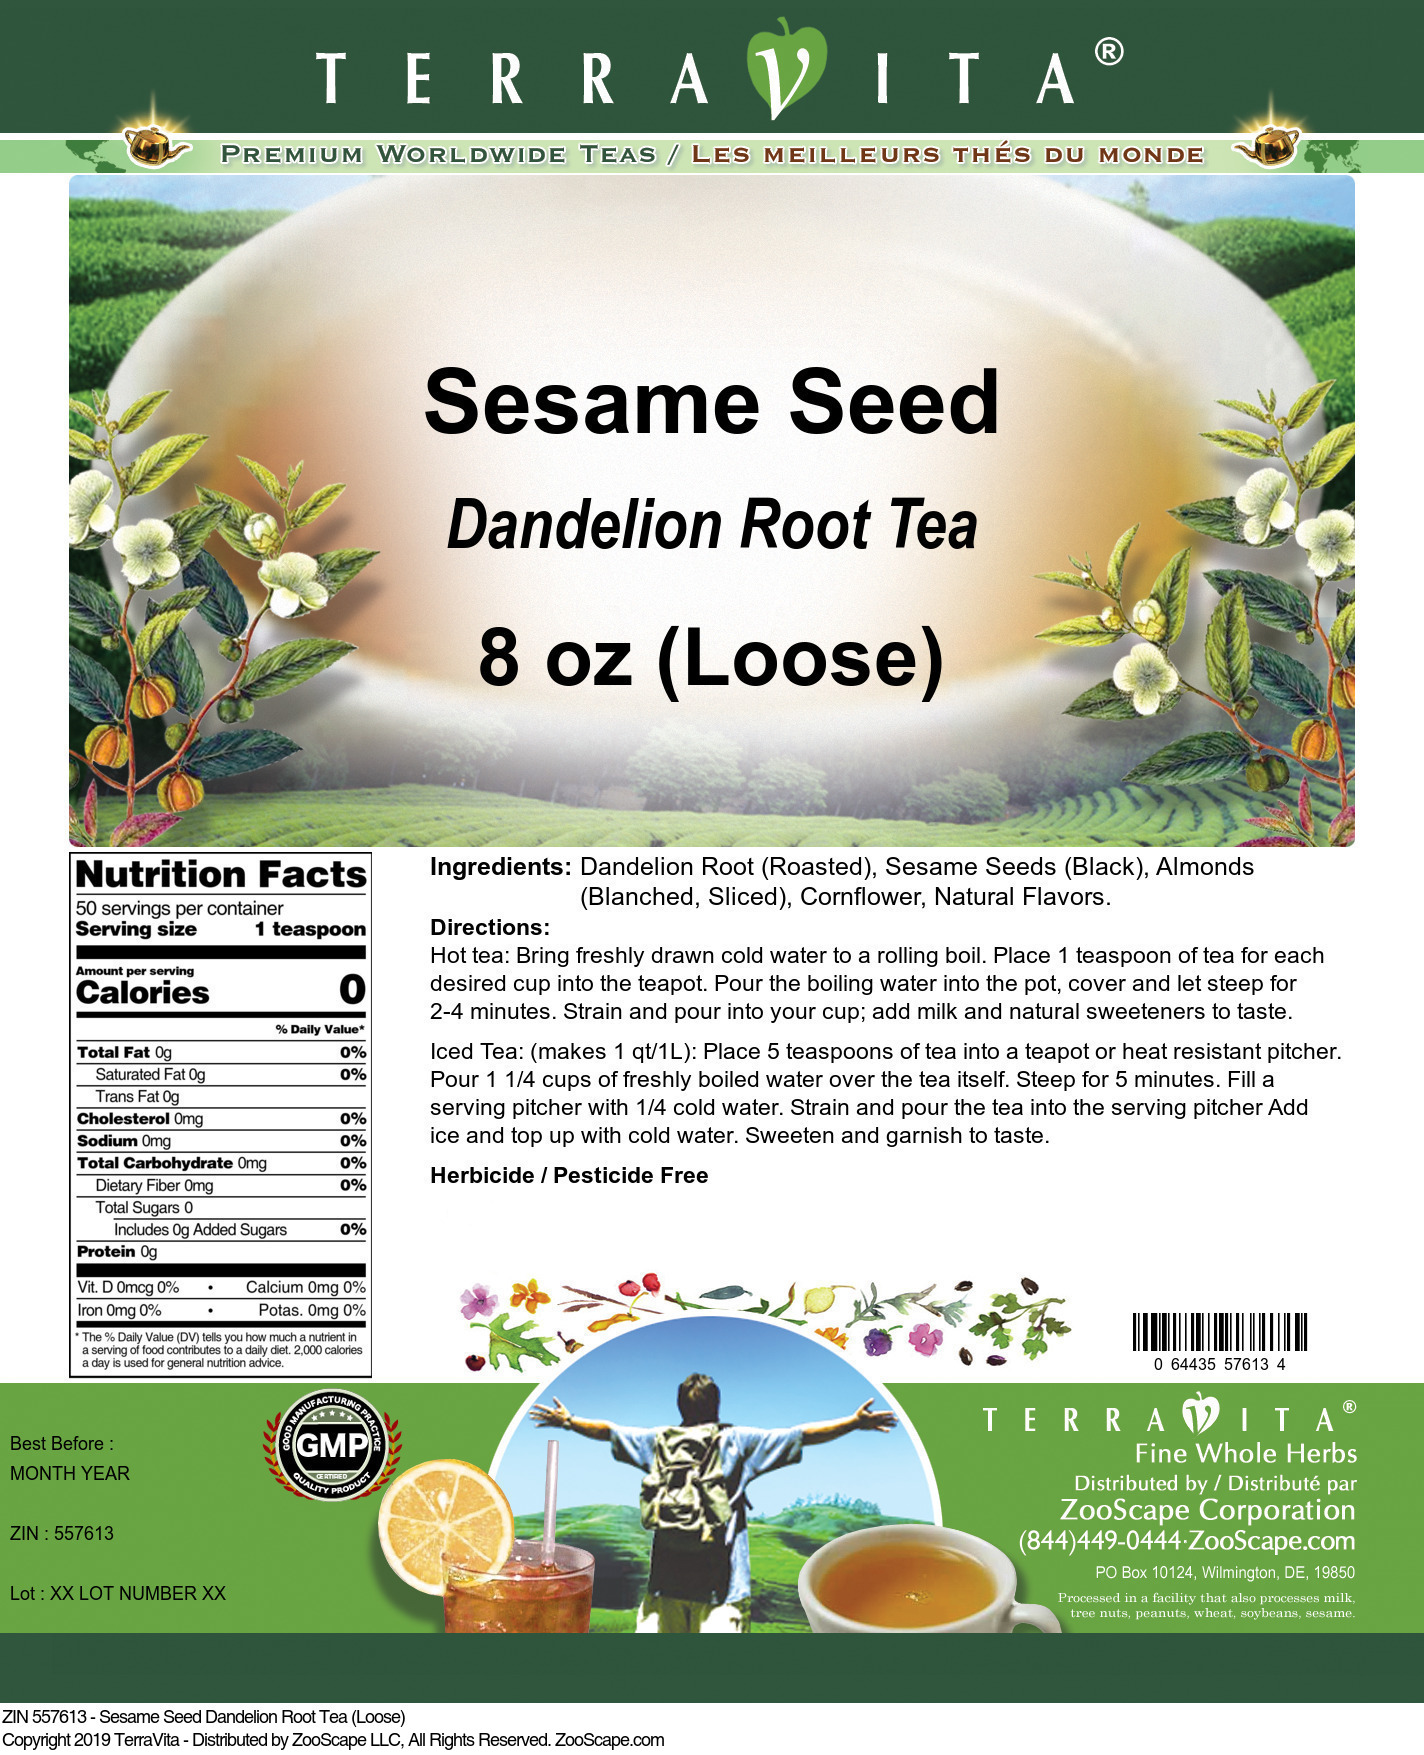 Sesame Seed Dandelion Root